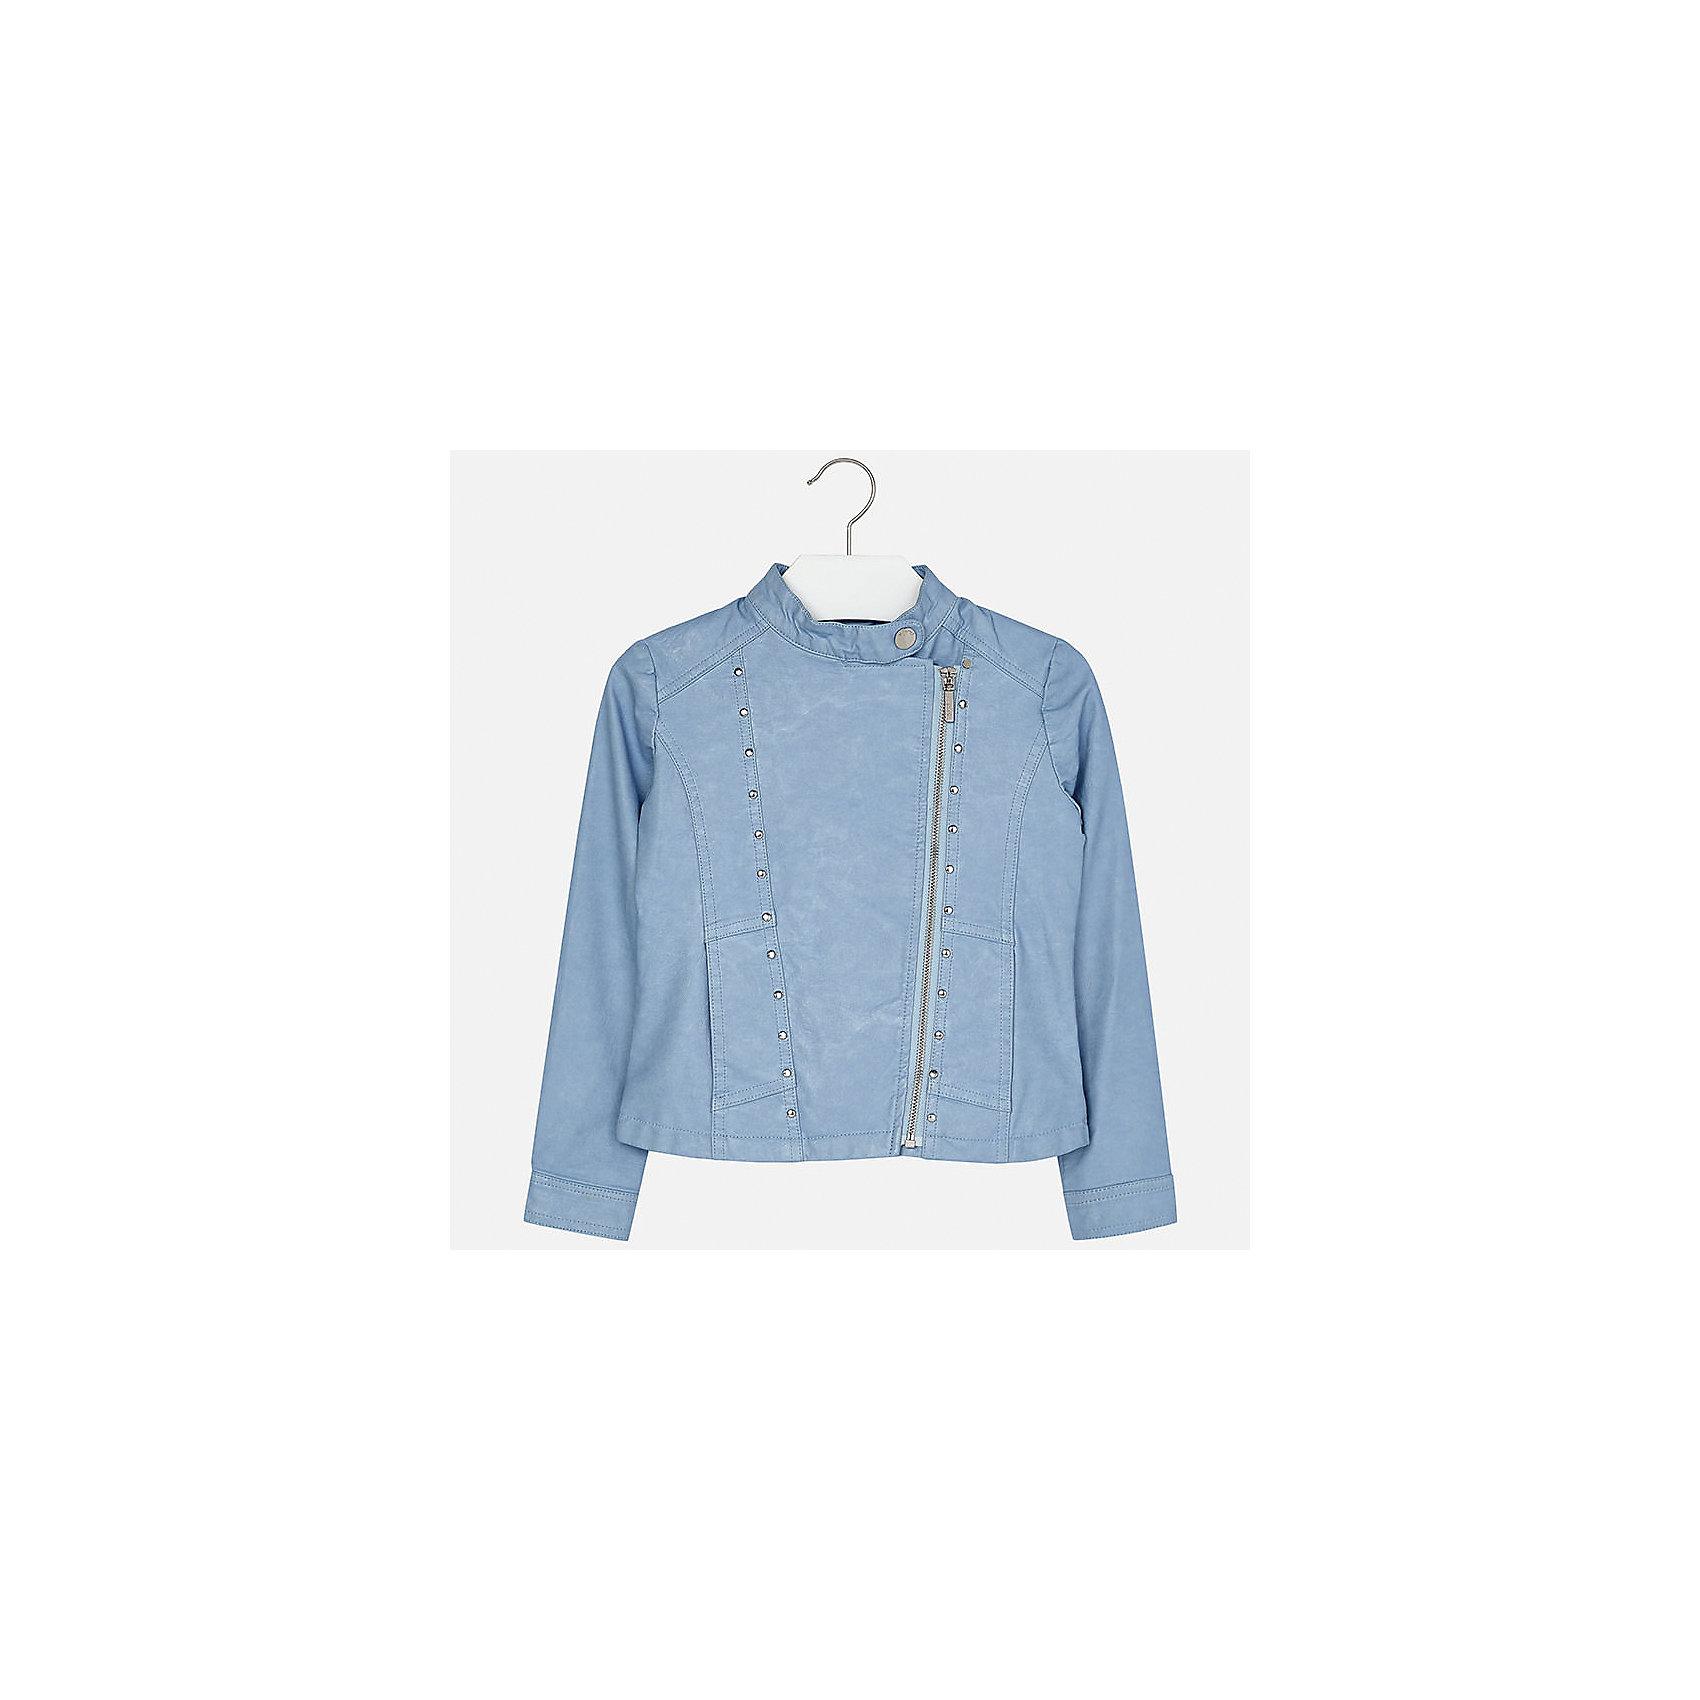 Куртка для девочки MayoralВерхняя одежда<br>Характеристики товара:<br><br>• цвет: голубой<br>• состав: 100% полиуретан, подкладка - 100% полиэстер<br>• косая молния<br>• карманы<br>• с длинными рукавами <br>• металлические элементы на планке<br>• страна бренда: Испания<br><br>Очень стильная куртка для девочки поможет разнообразить гардероб ребенка и украсить наряд. Он отлично сочетается и с юбками, и с брюками. Универсальный цвет позволяет подобрать к вещи низ различных расцветок. Интересная отделка модели делает её нарядной и оригинальной.<br><br>Одежда, обувь и аксессуары от испанского бренда Mayoral полюбились детям и взрослым по всему миру. Модели этой марки - стильные и удобные. Для их производства используются только безопасные, качественные материалы и фурнитура. Порадуйте ребенка модными и красивыми вещами от Mayoral! <br><br>Куртку для девочки от испанского бренда Mayoral (Майорал) можно купить в нашем интернет-магазине.<br><br>Ширина мм: 356<br>Глубина мм: 10<br>Высота мм: 245<br>Вес г: 519<br>Цвет: голубой<br>Возраст от месяцев: 168<br>Возраст до месяцев: 180<br>Пол: Женский<br>Возраст: Детский<br>Размер: 170,128/134,140,152,158,164<br>SKU: 5292856